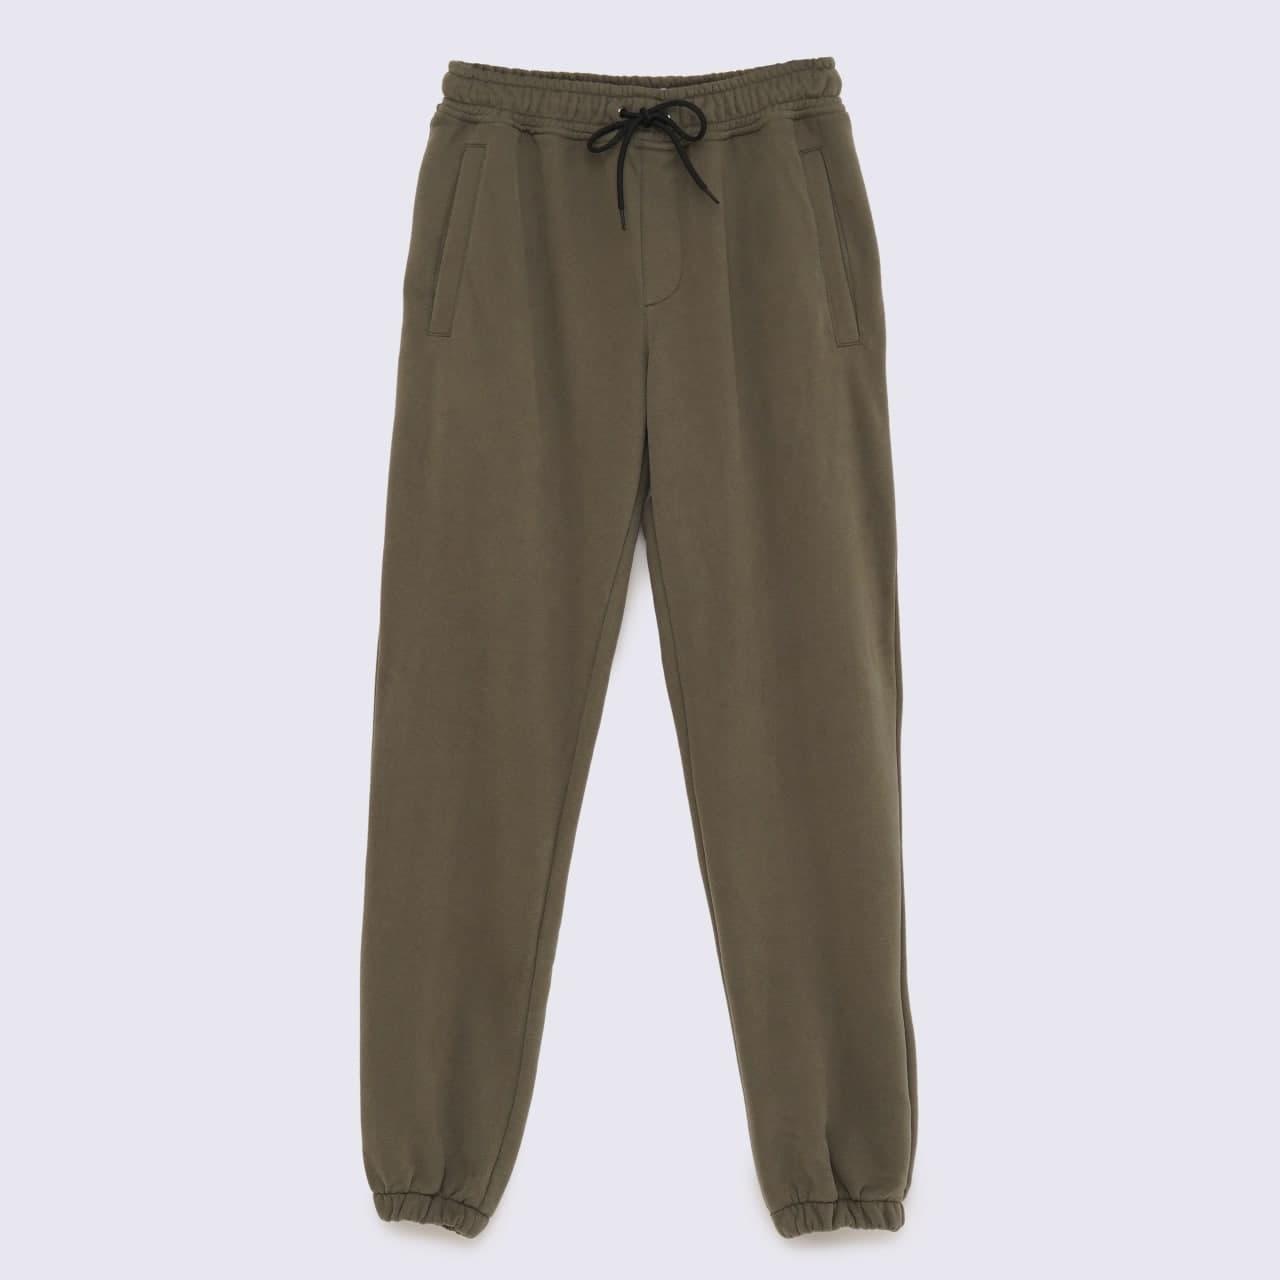 Спортивные штаны South basik khaki